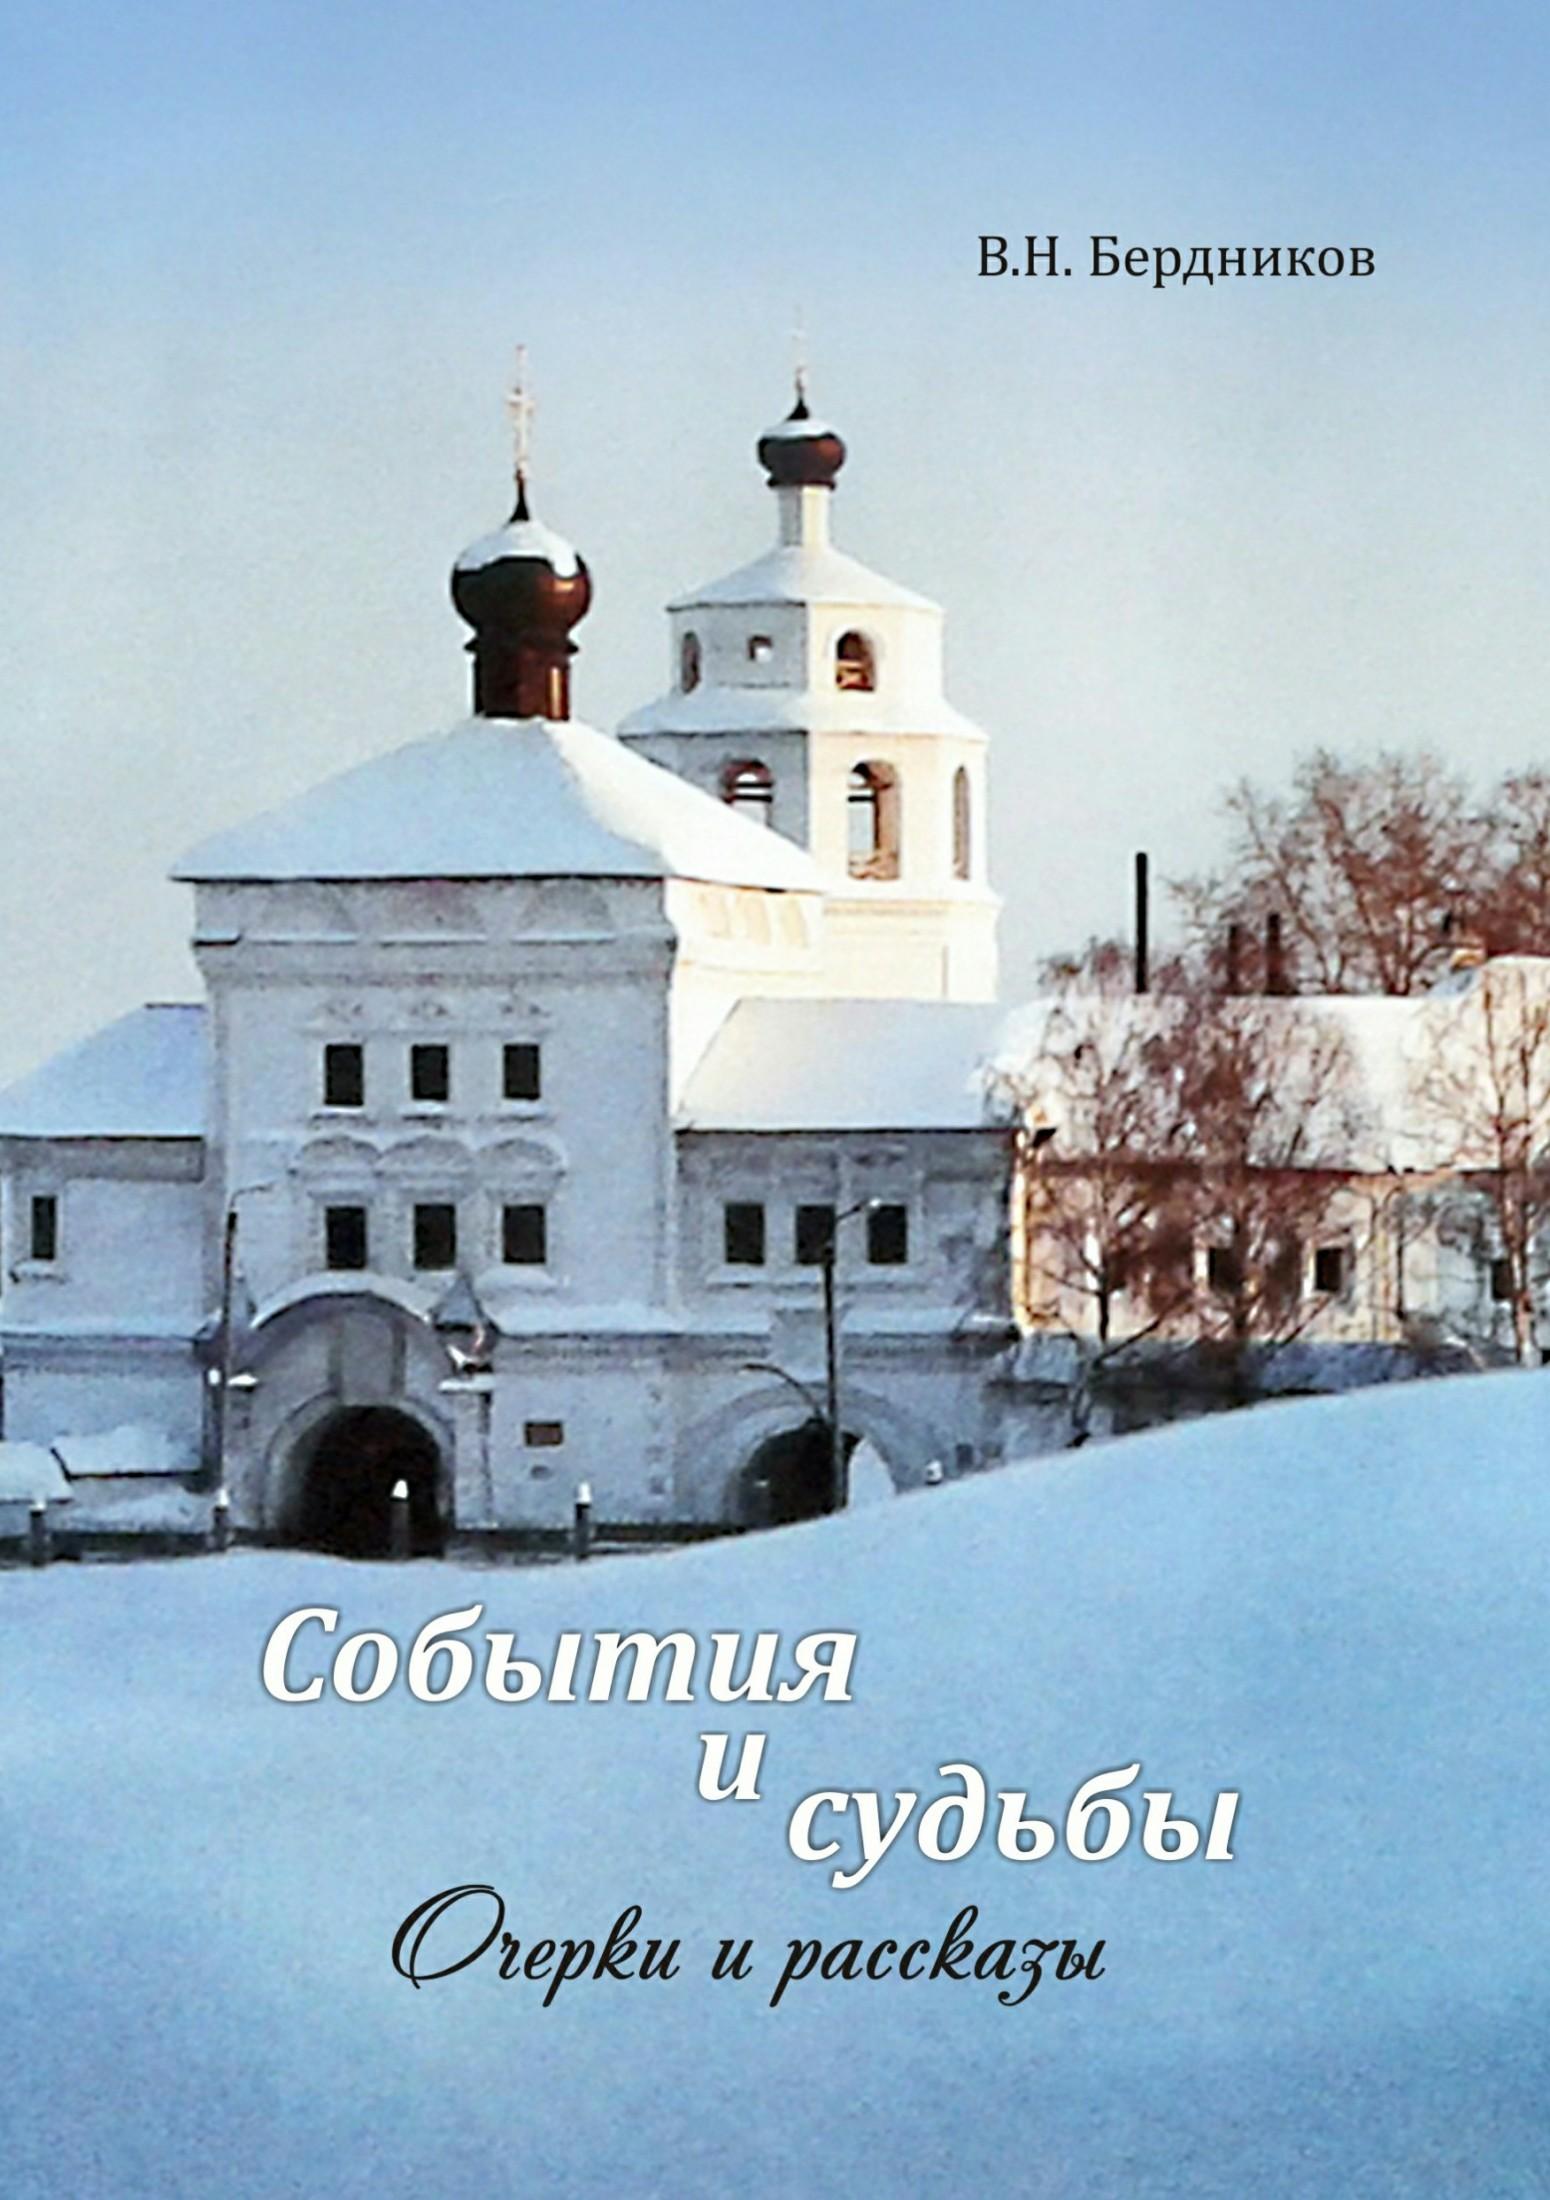 Валерий Николаевич Бердников бесплатно